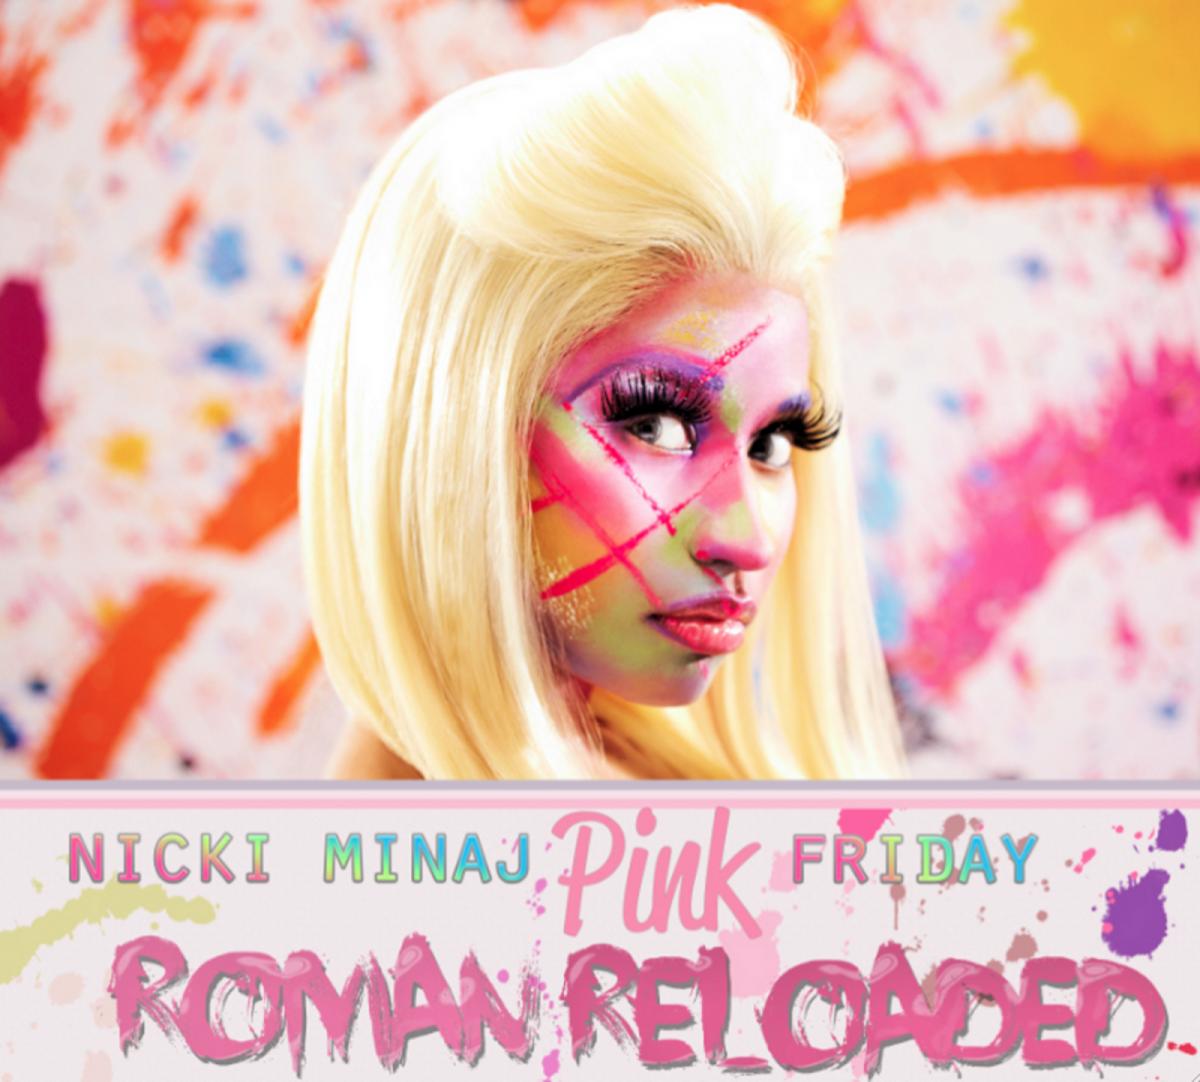 Nicki Minaj album